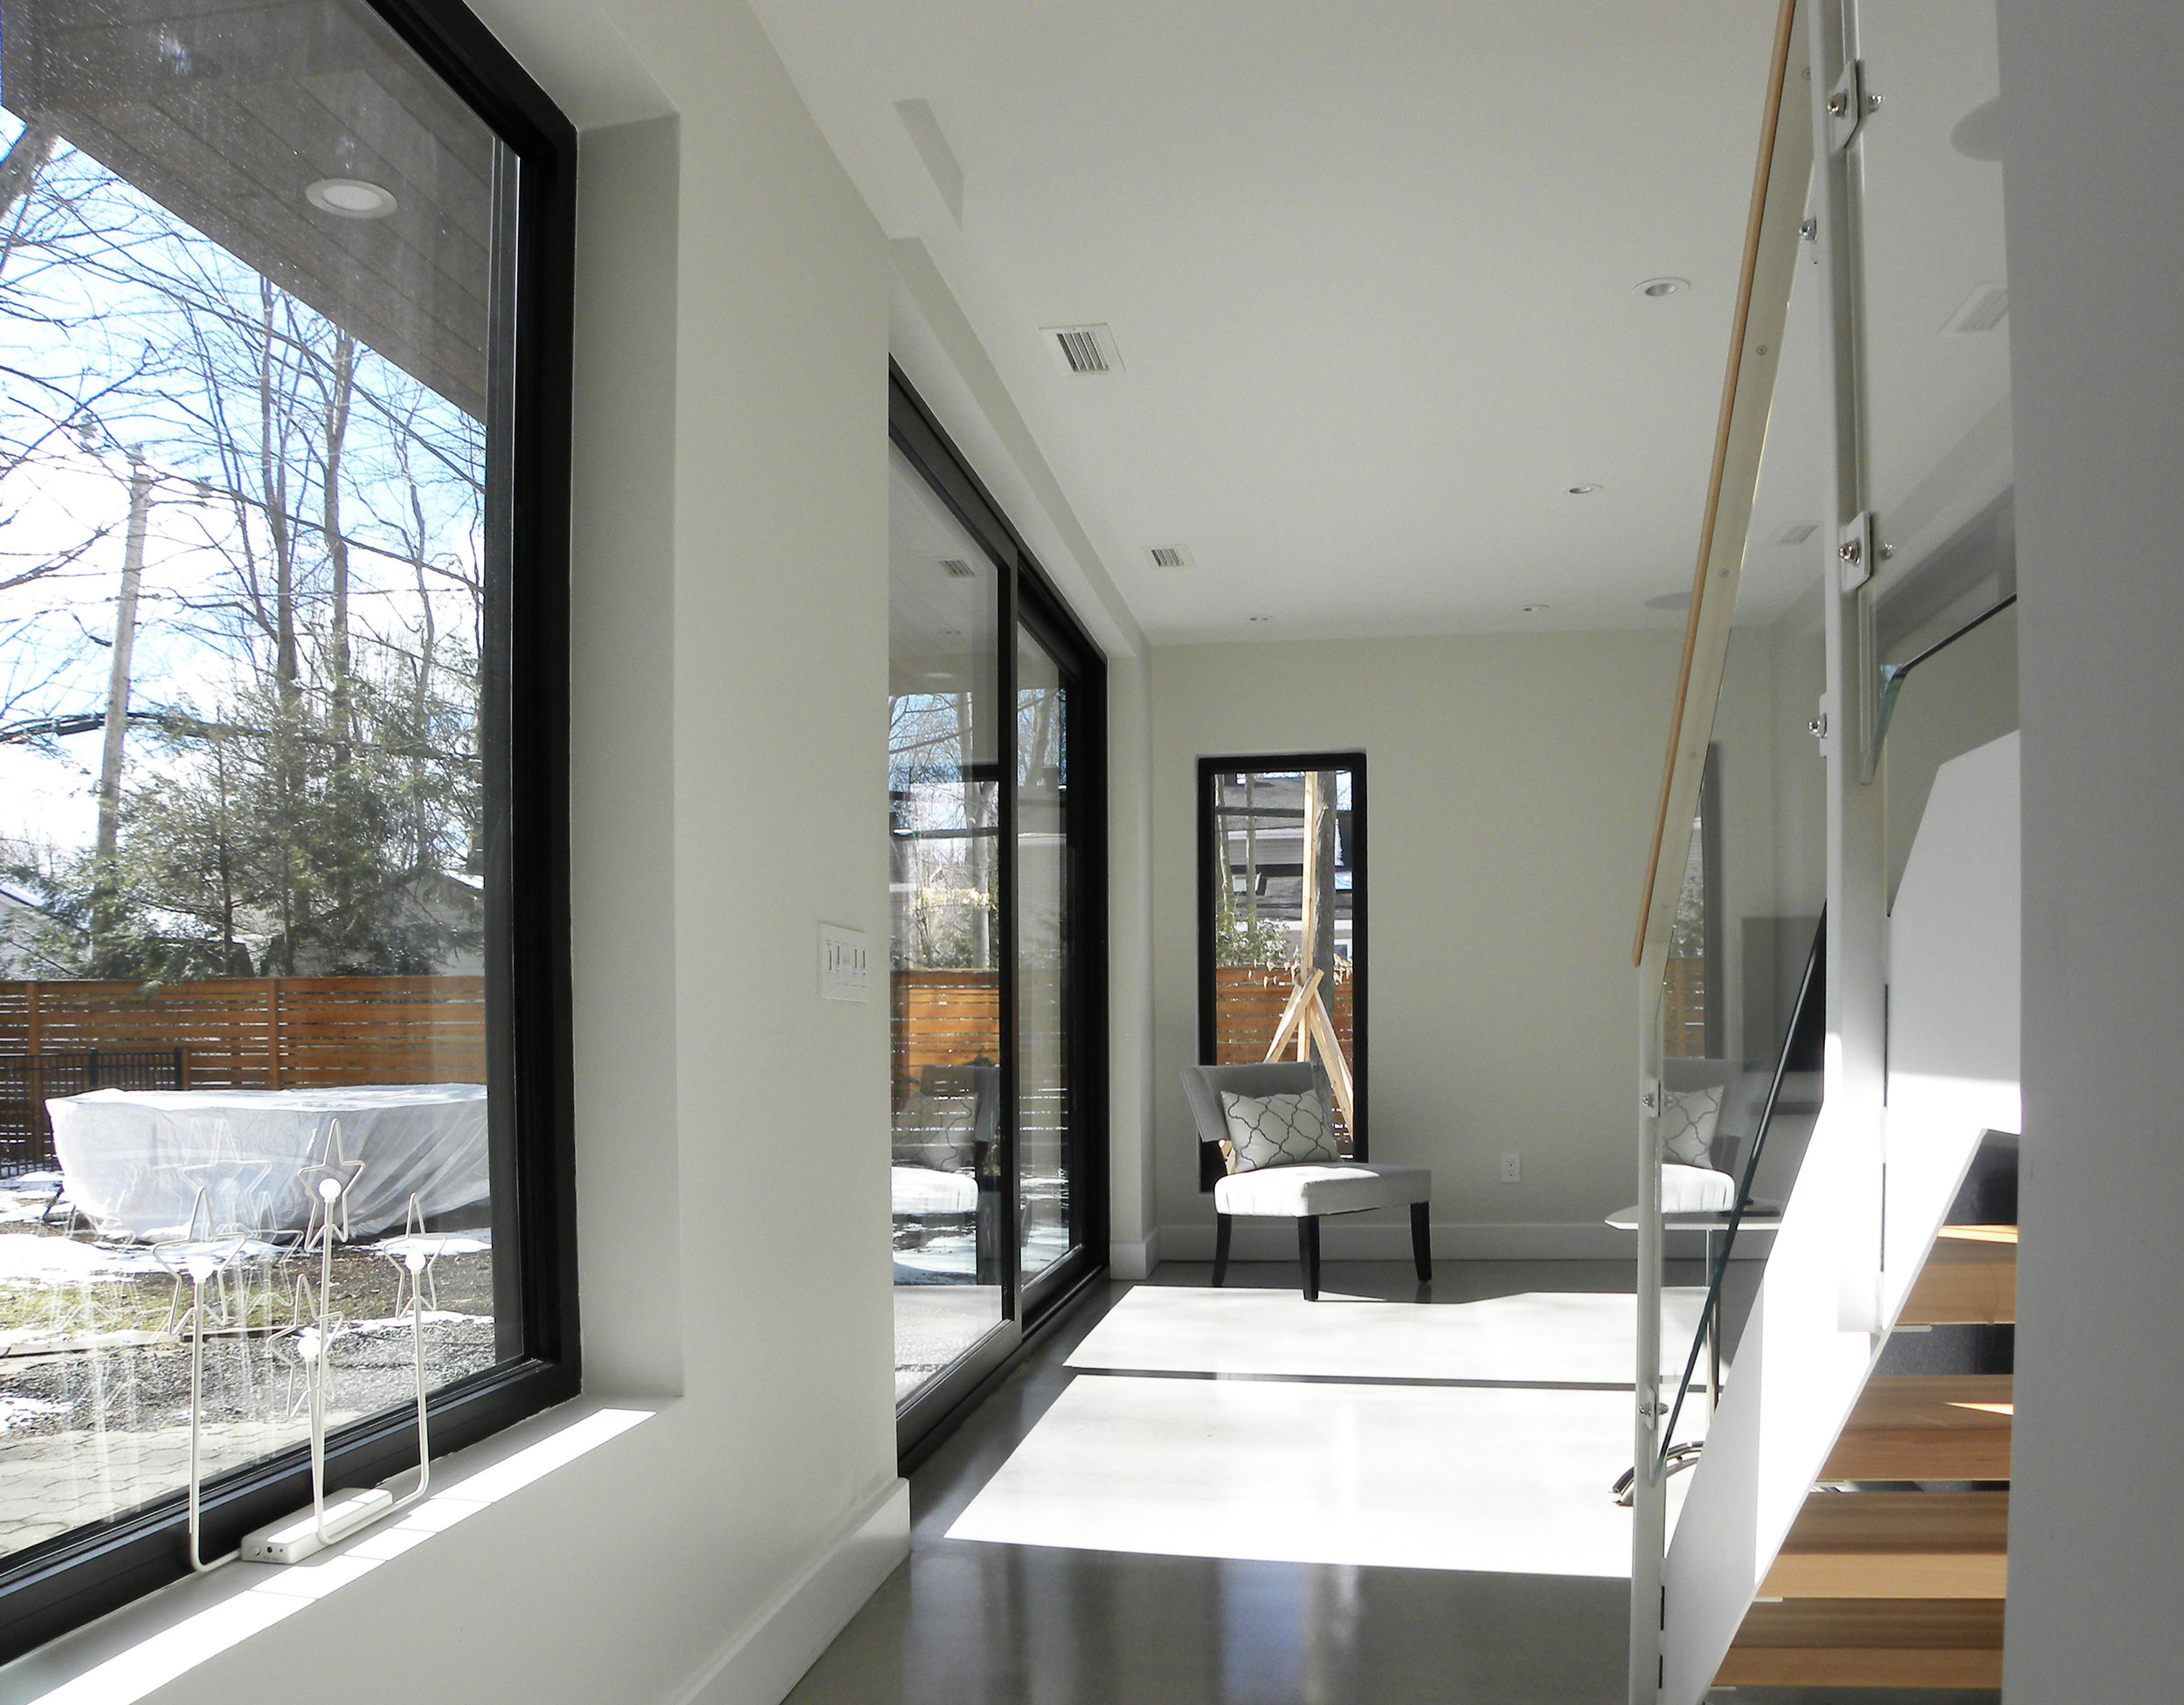 Ste-Julie - escalier ph- Architecte Résidentiel Salem Architecture.jpg